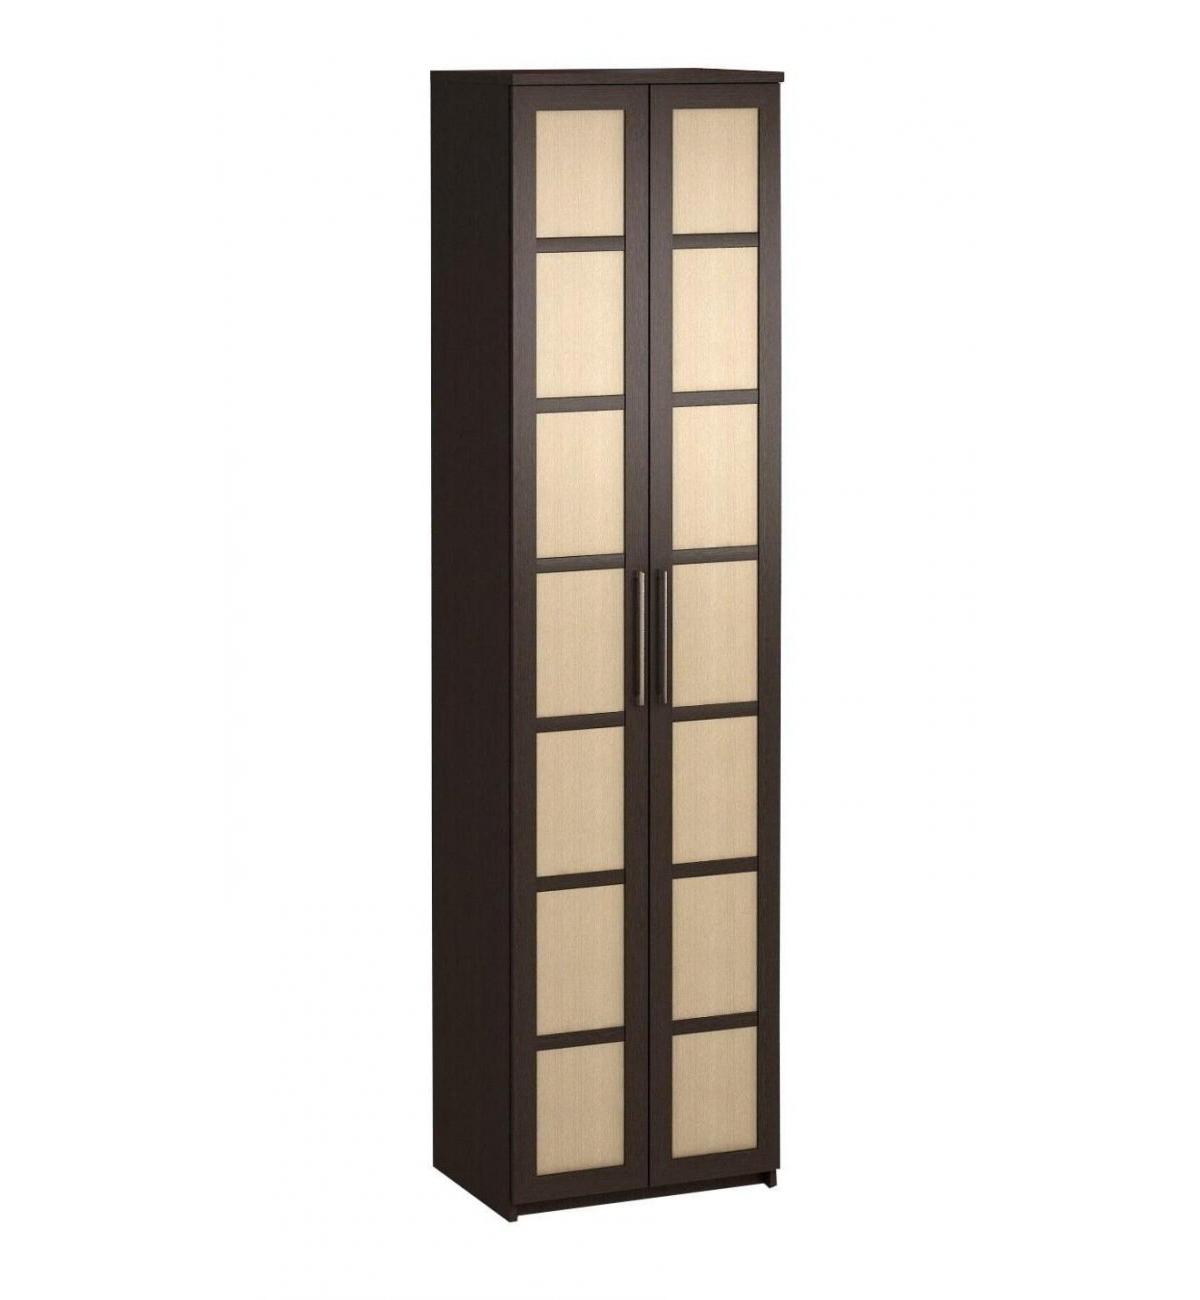 Шкаф ШК-715 шкаф витрина мебель смоленск шк 07